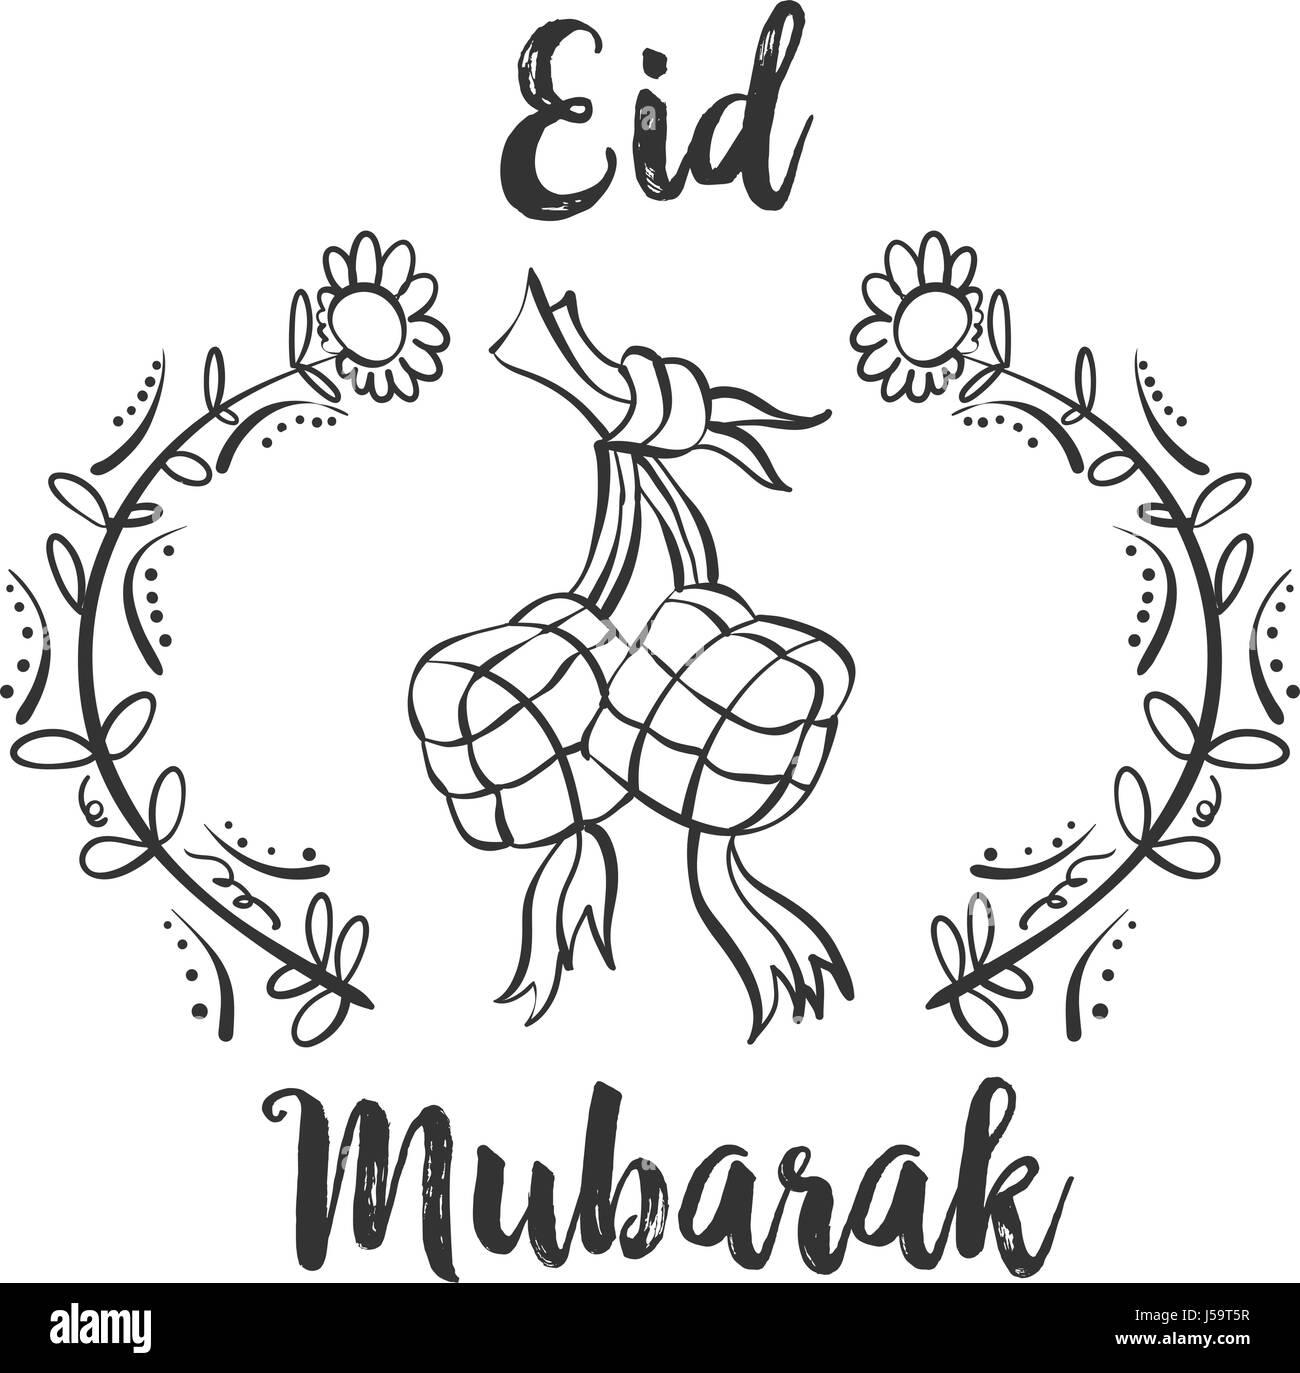 Eid Mubarak Black And White Stock Photos Images Alamy